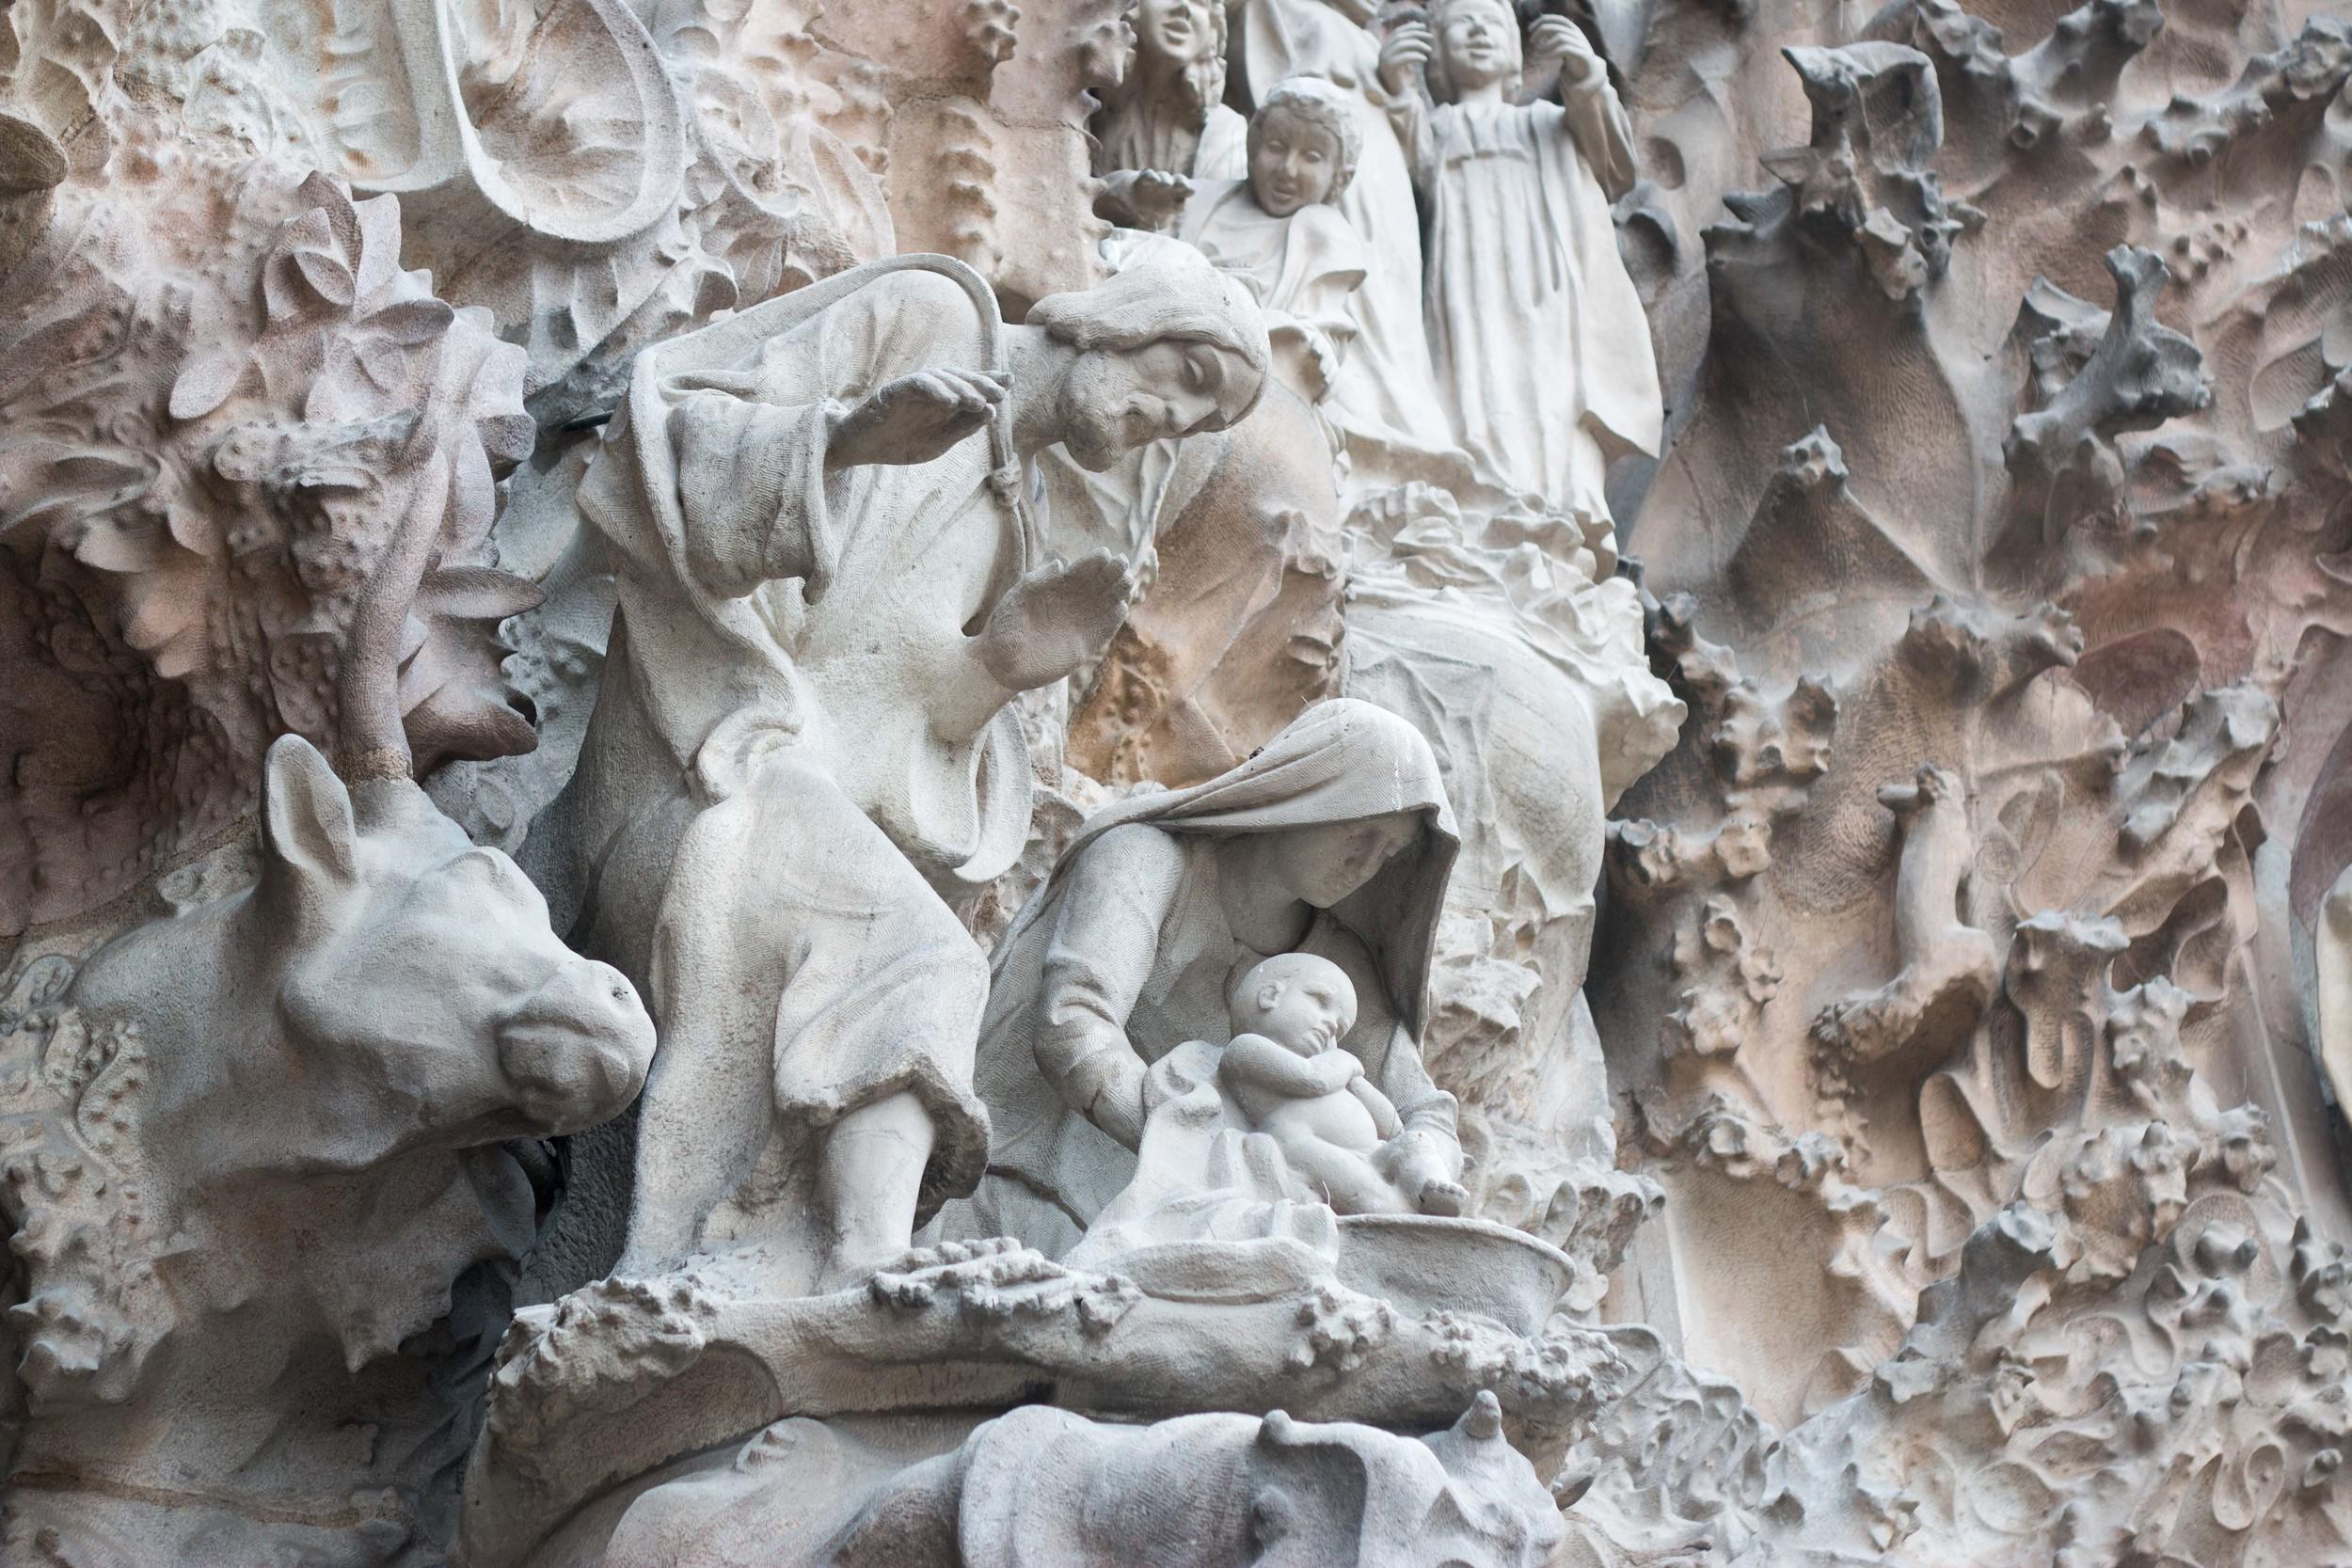 Manger scene on the Nativity Facade